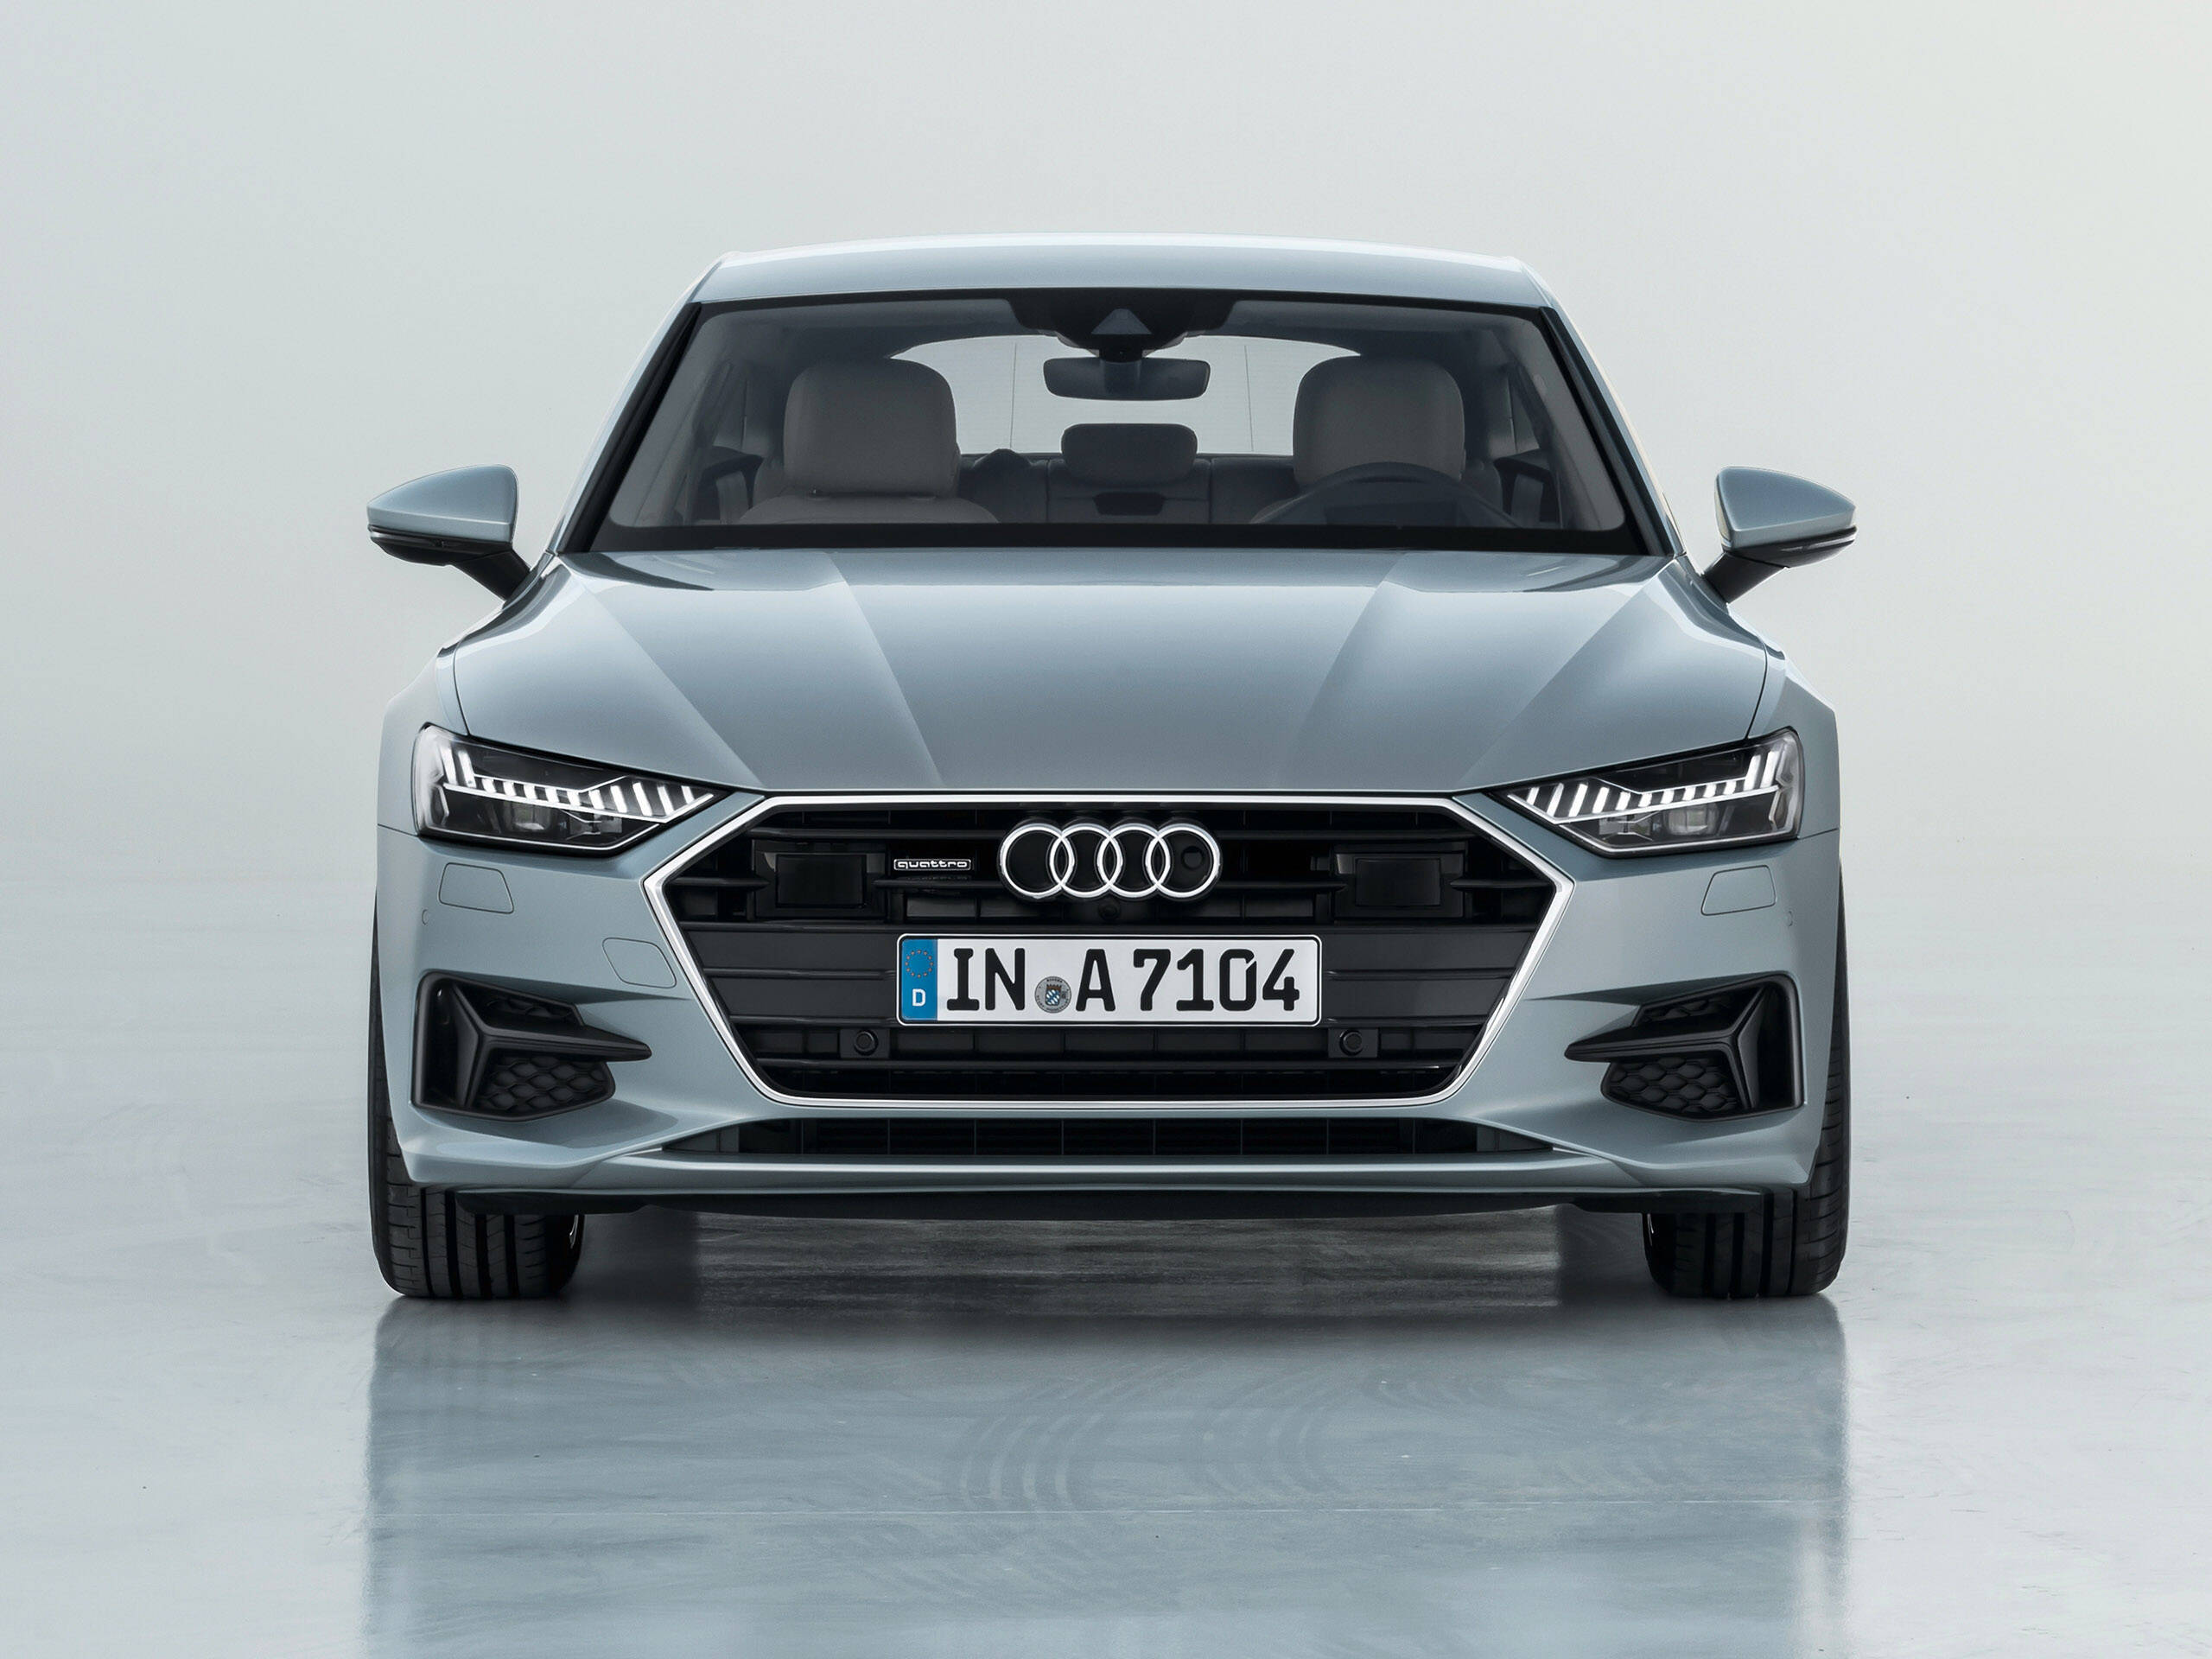 Audi A7 Sportback. Foto: Divulgação